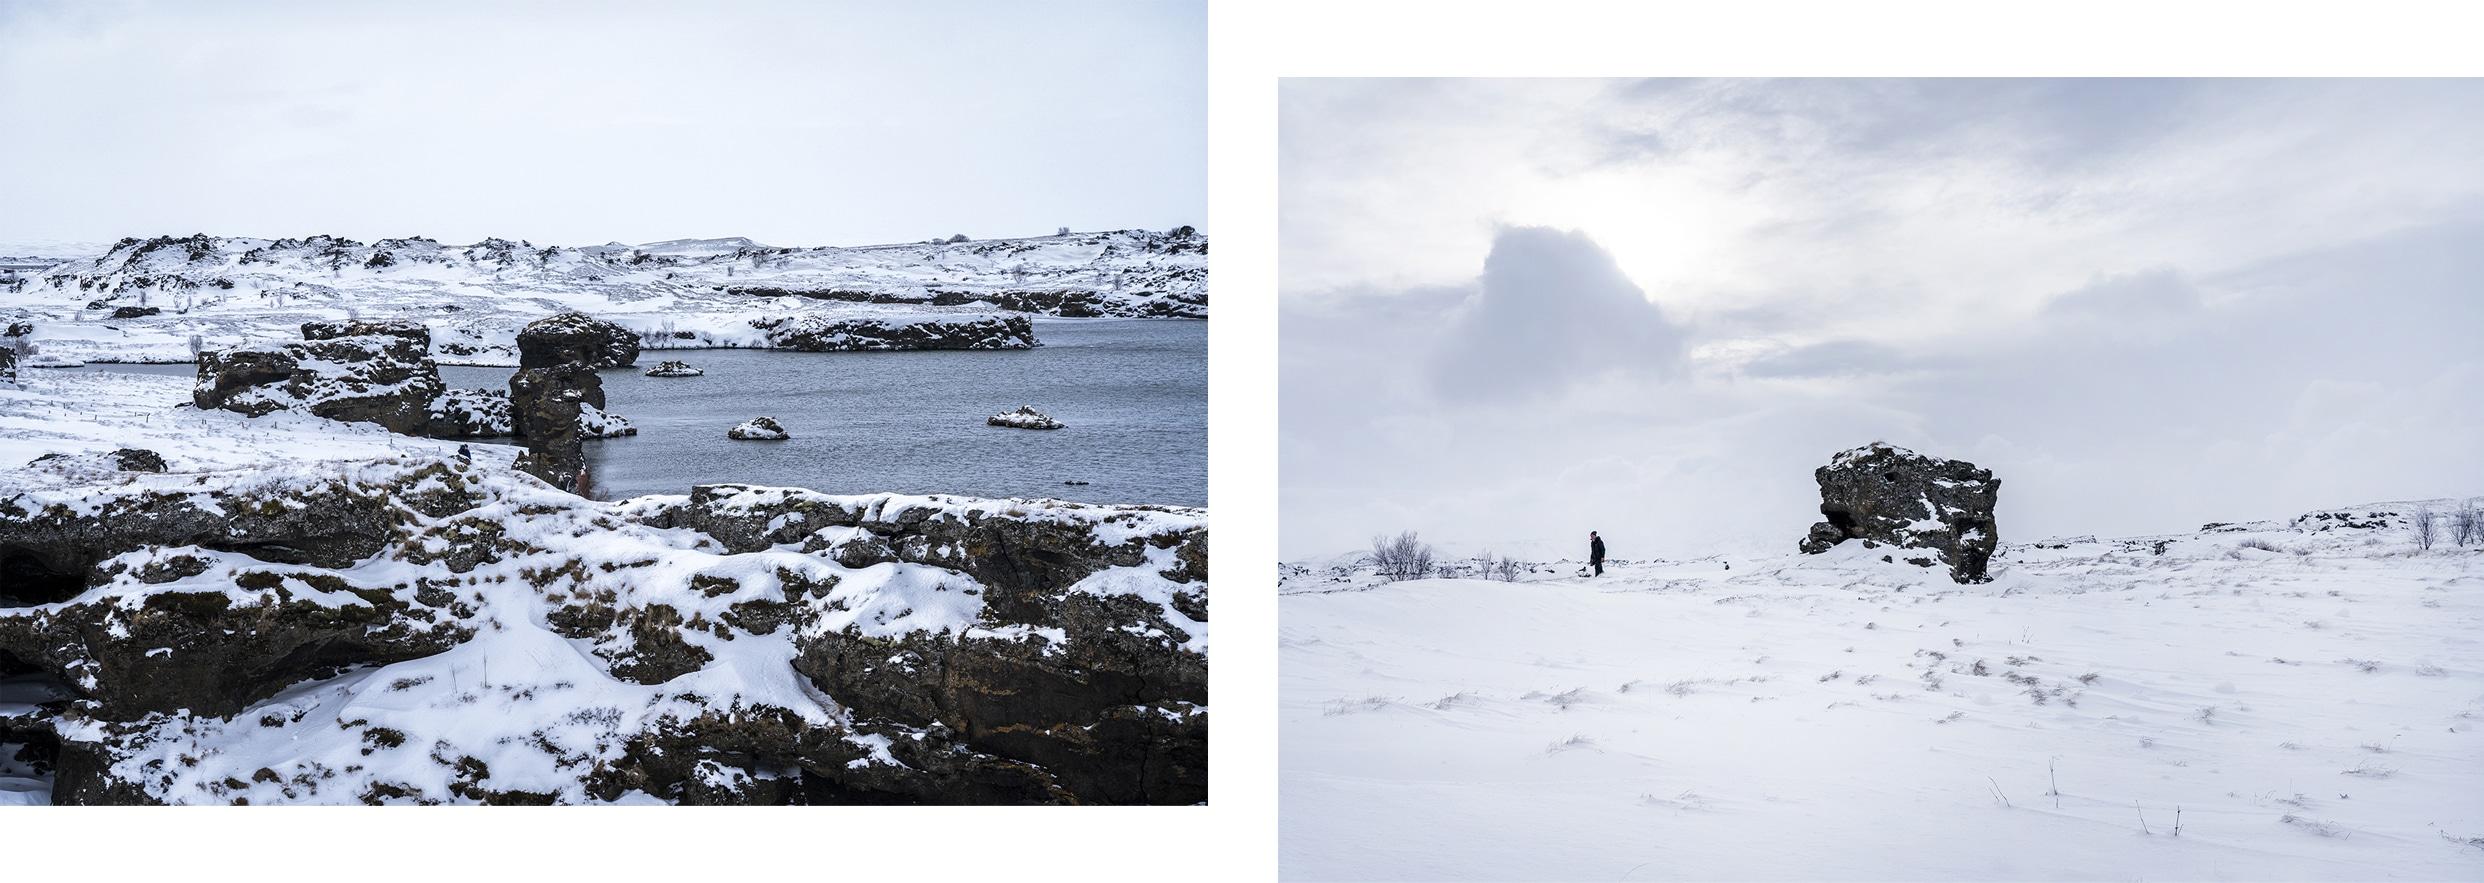 Mývatn lac rochers eau noir et blanc rayons percent Islande du Nord